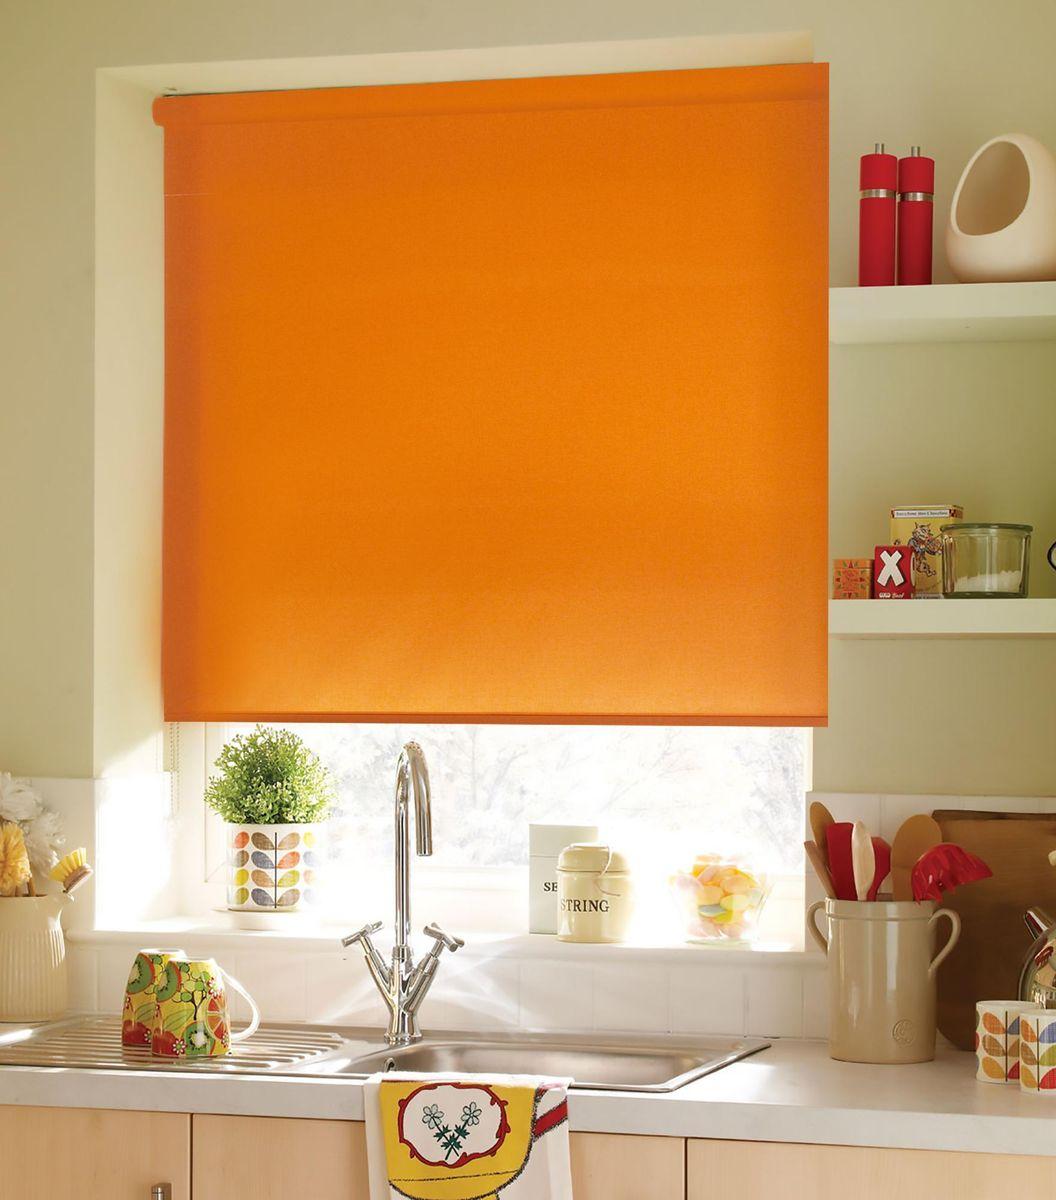 Штора рулонная Эскар, цвет: апельсиновый, ширина 120 см, высота 170 см81203120170Рулонными шторами можно оформлять окна как самостоятельно, так и использовать в комбинации с портьерами. Это поможет предотвратить выгорание дорогой ткани на солнце и соединит функционал рулонных с красотой навесных.Преимущества применения рулонных штор для пластиковых окон:- имеют прекрасный внешний вид: многообразие и фактурность материала изделия отлично смотрятся в любом интерьере; - многофункциональны: есть возможность подобрать шторы способные эффективно защитить комнату от солнца, при этом о на не будет слишком темной. - Есть возможность осуществить быстрый монтаж. ВНИМАНИЕ! Размеры ширины изделия указаны по ширине ткани!Во время эксплуатации не рекомендуется полностью разматывать рулон, чтобы не оторвать ткань от намоточного вала.В случае загрязнения поверхности ткани, чистку шторы проводят одним из способов, в зависимости от типа загрязнения: легкое поверхностное загрязнение можно удалить при помощи канцелярского ластика; чистка от пыли производится сухим методом при помощи пылесоса с мягкой щеткой-насадкой; для удаления пятна используйте мягкую губку с пенообразующим неагрессивным моющим средством или пятновыводитель на натуральной основе (нельзя применять растворители).